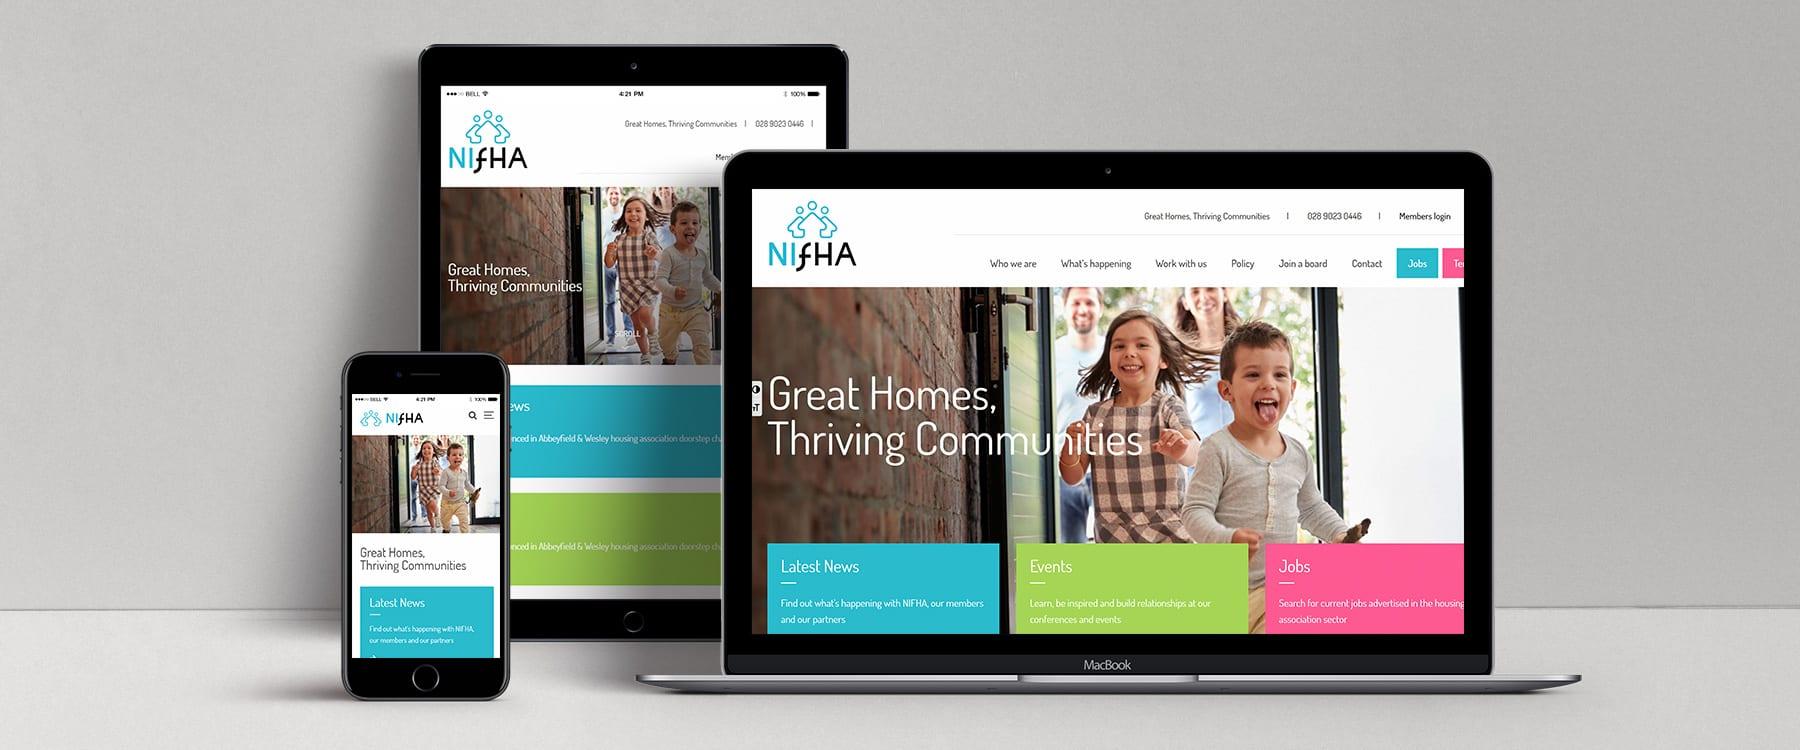 NIFHA Image First